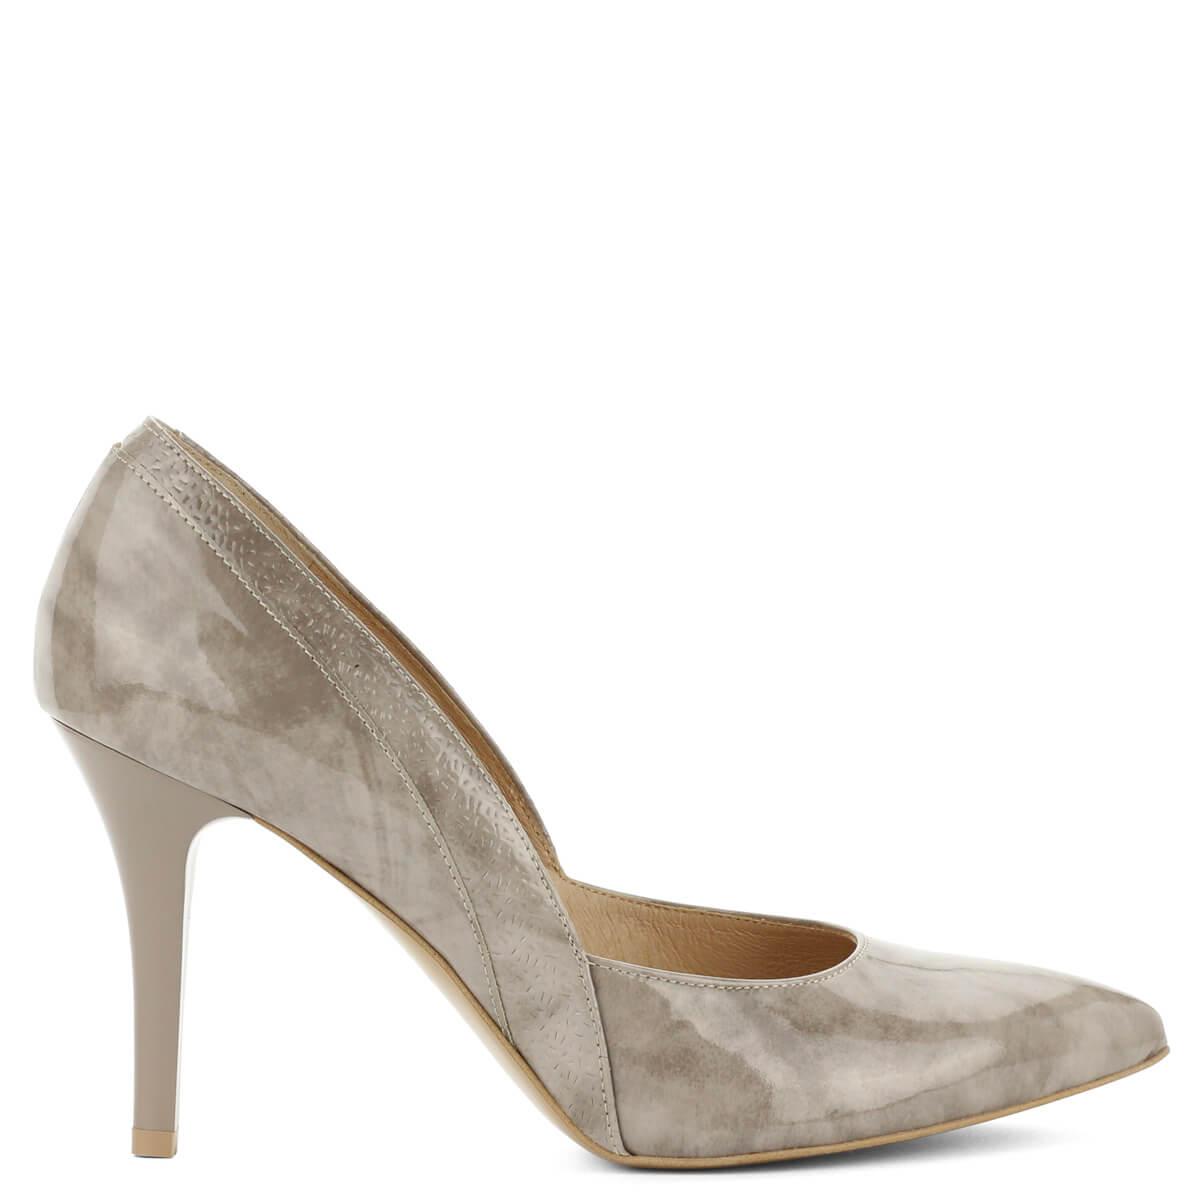 Bézs Anis magas sarkú lakk cipő. Különleges márványos hatású bőrből  készült d8668bbac9